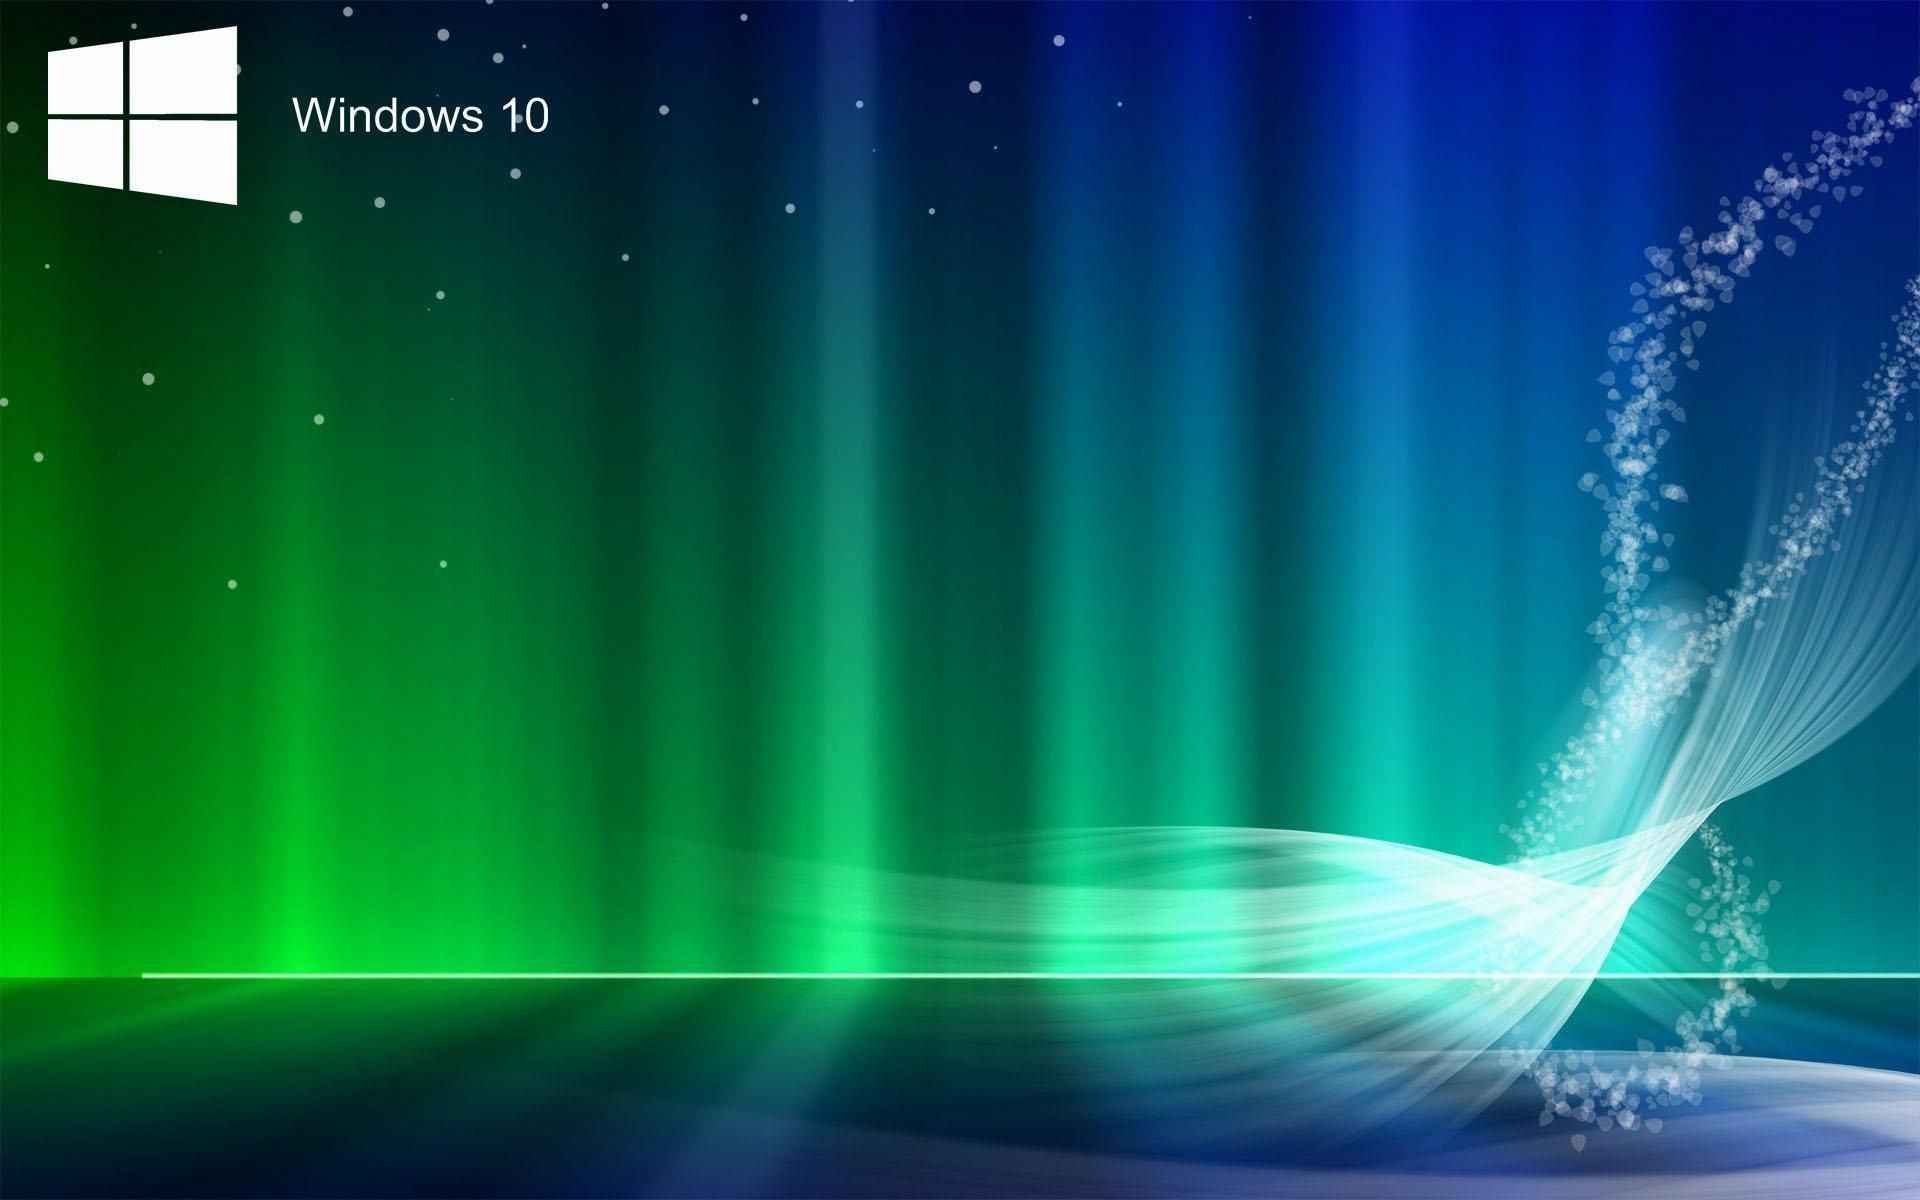 New-Wallpaper-Windows-10-HD-2880×1800